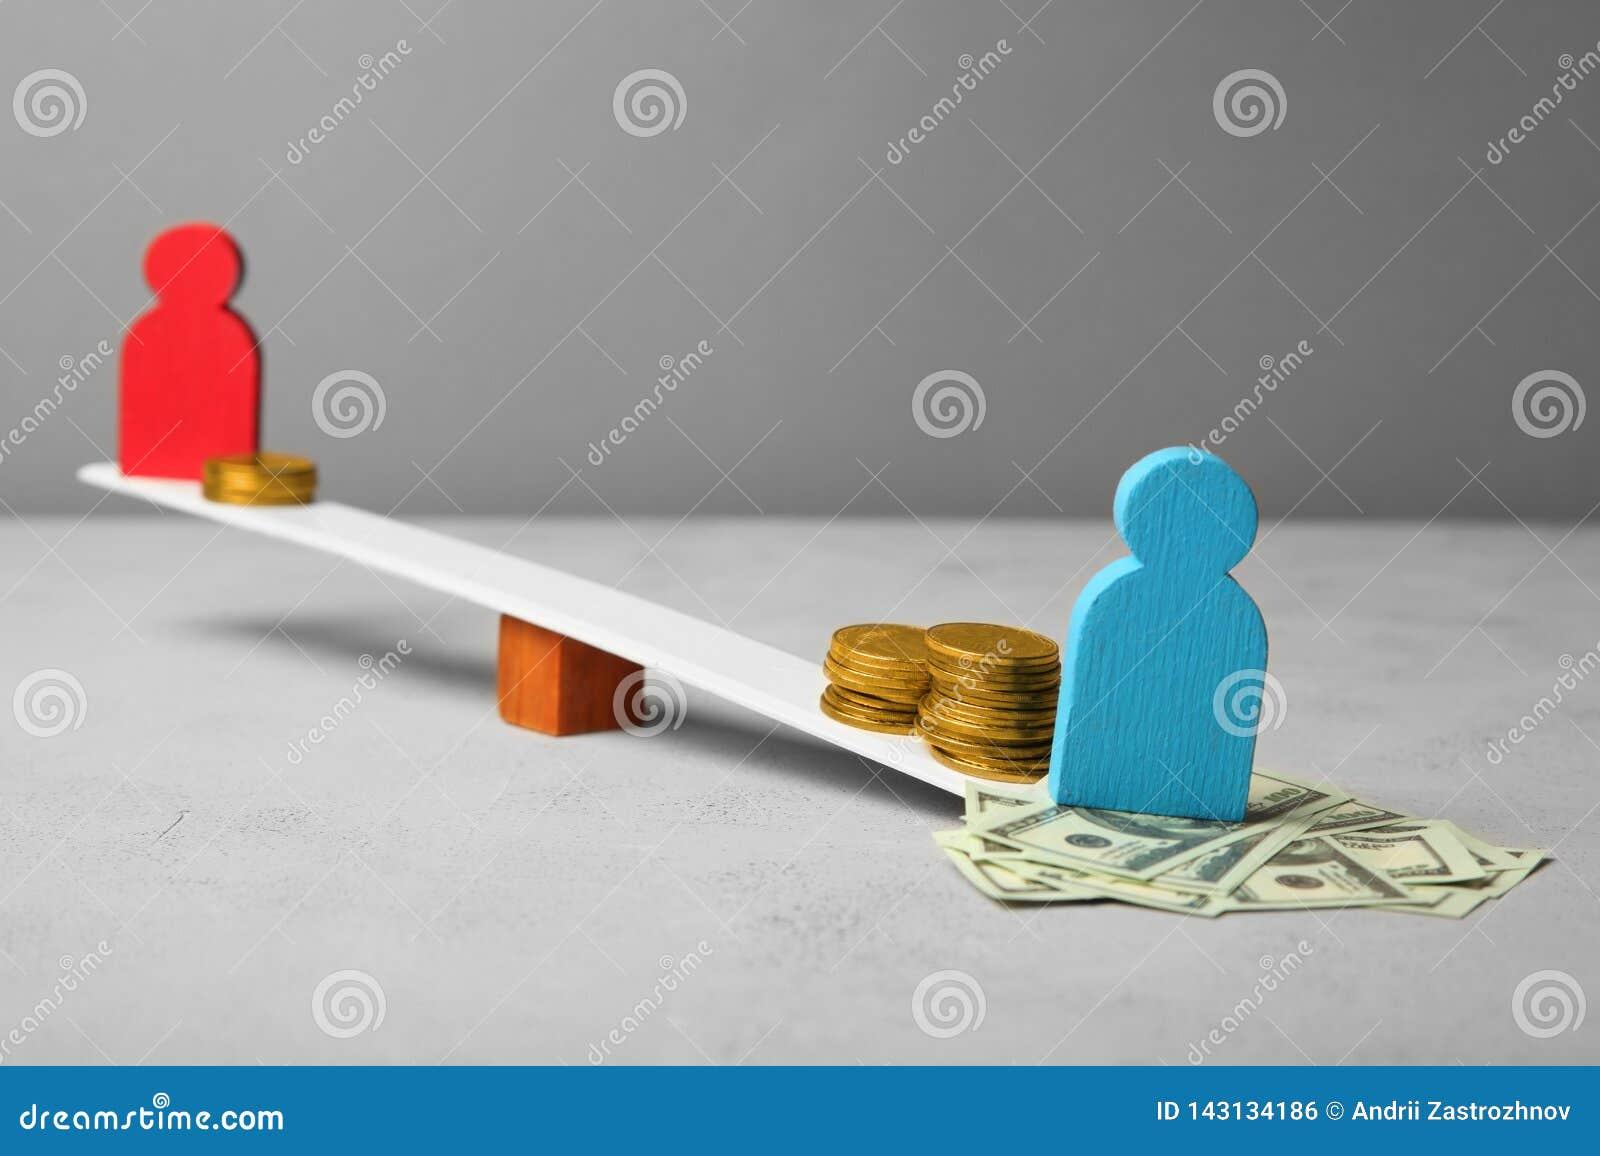 在薪水的水平的不平等 人收入差距 在等级的硬币